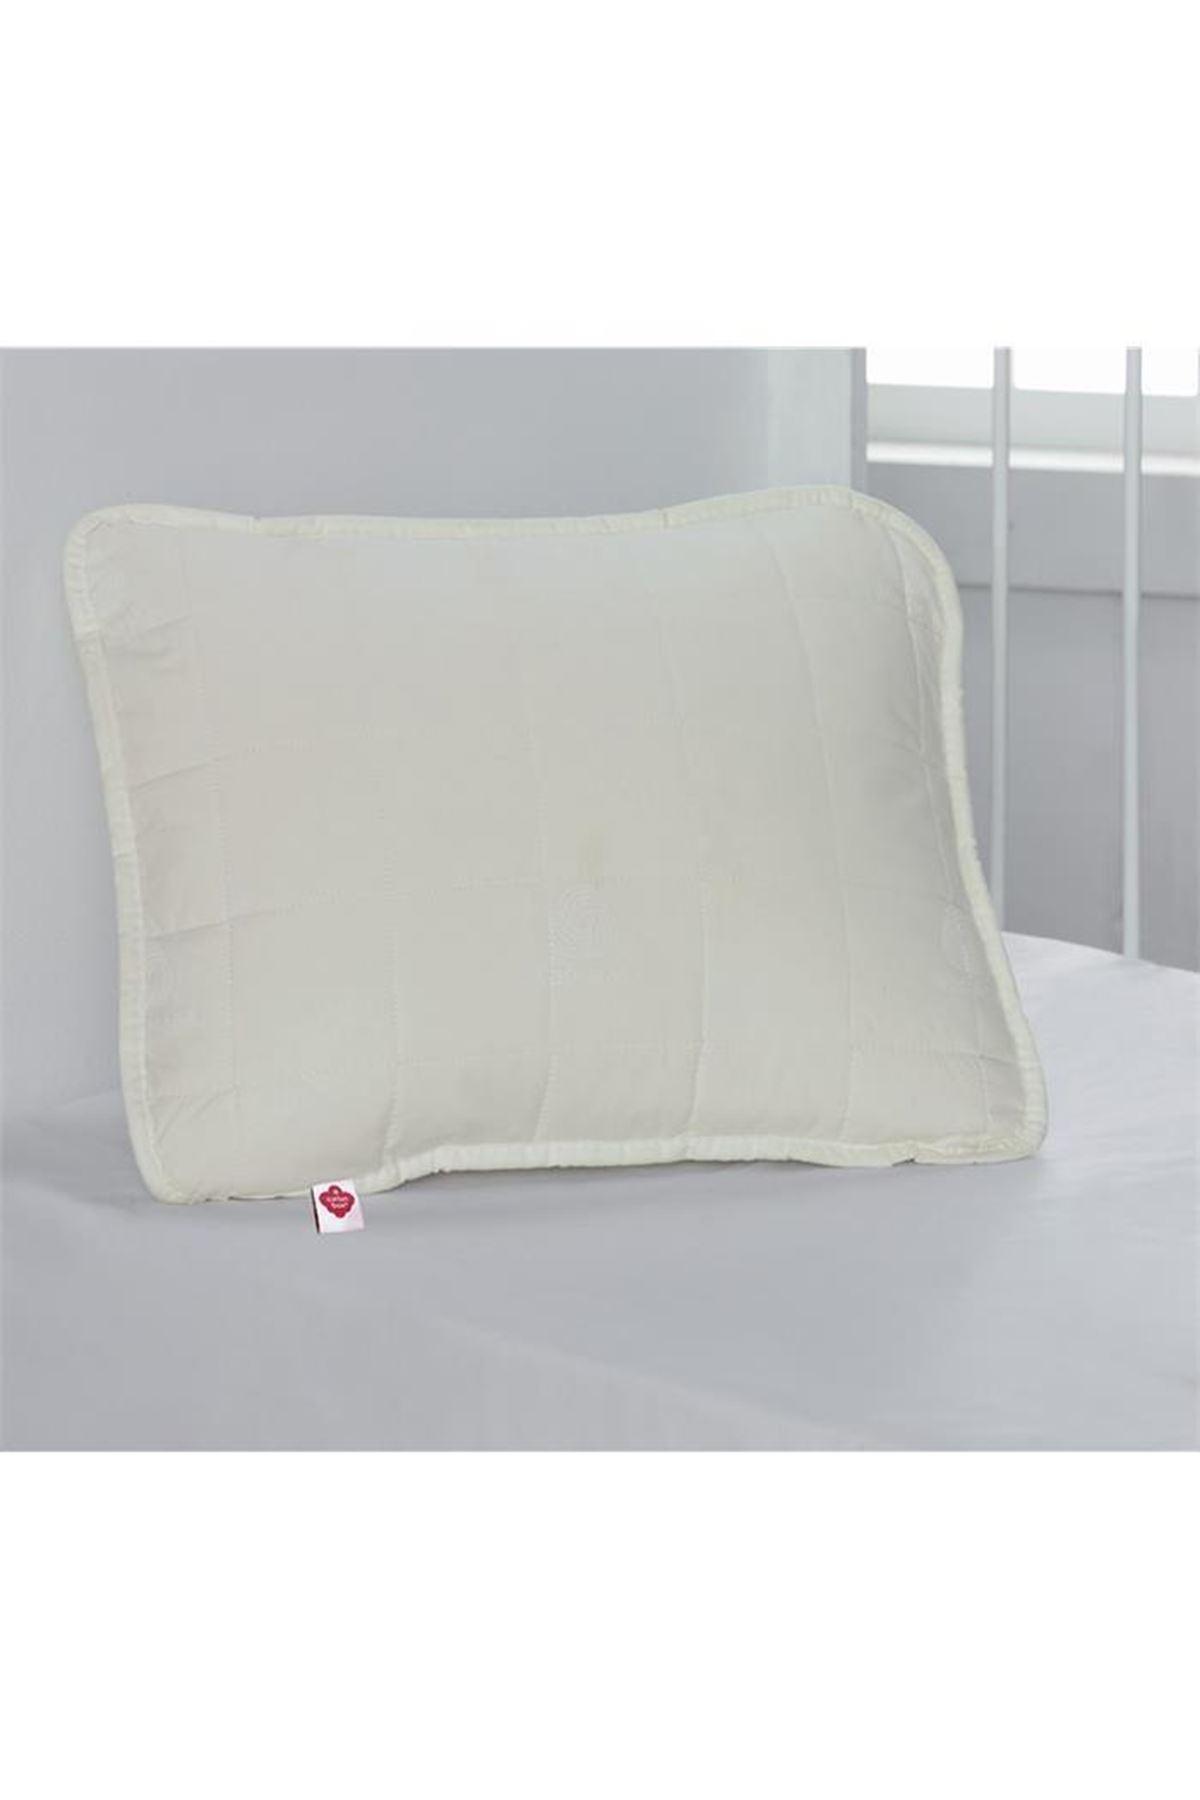 Cotton Box Bebek Yün Yastık 35x45